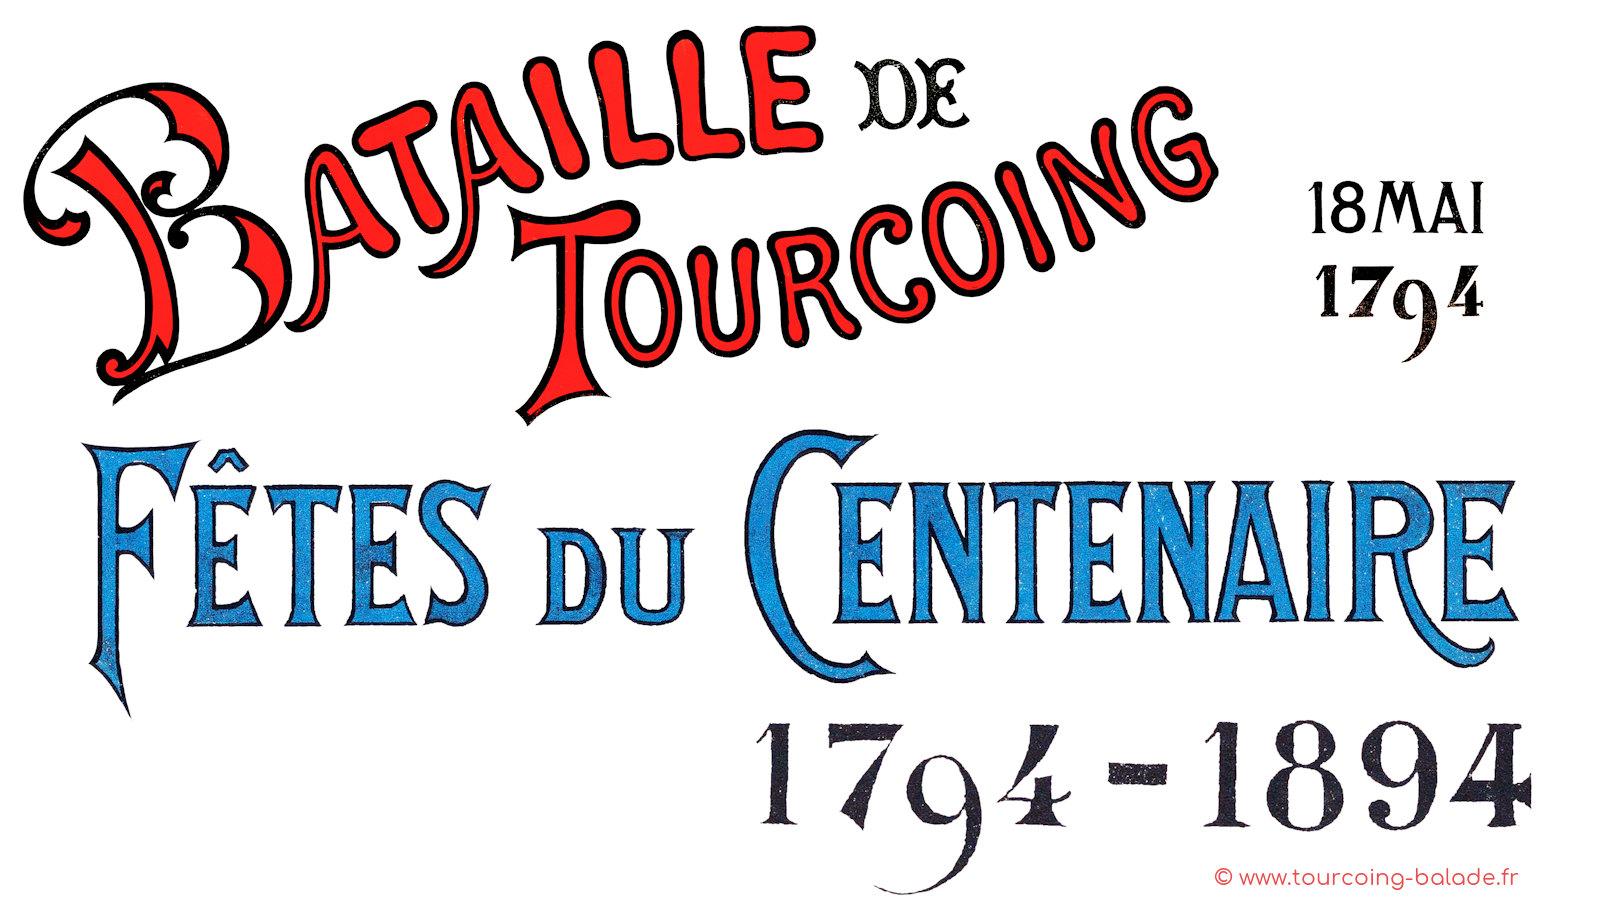 Bataille de Tourcoing 1794 - Fêtes du Centenaire